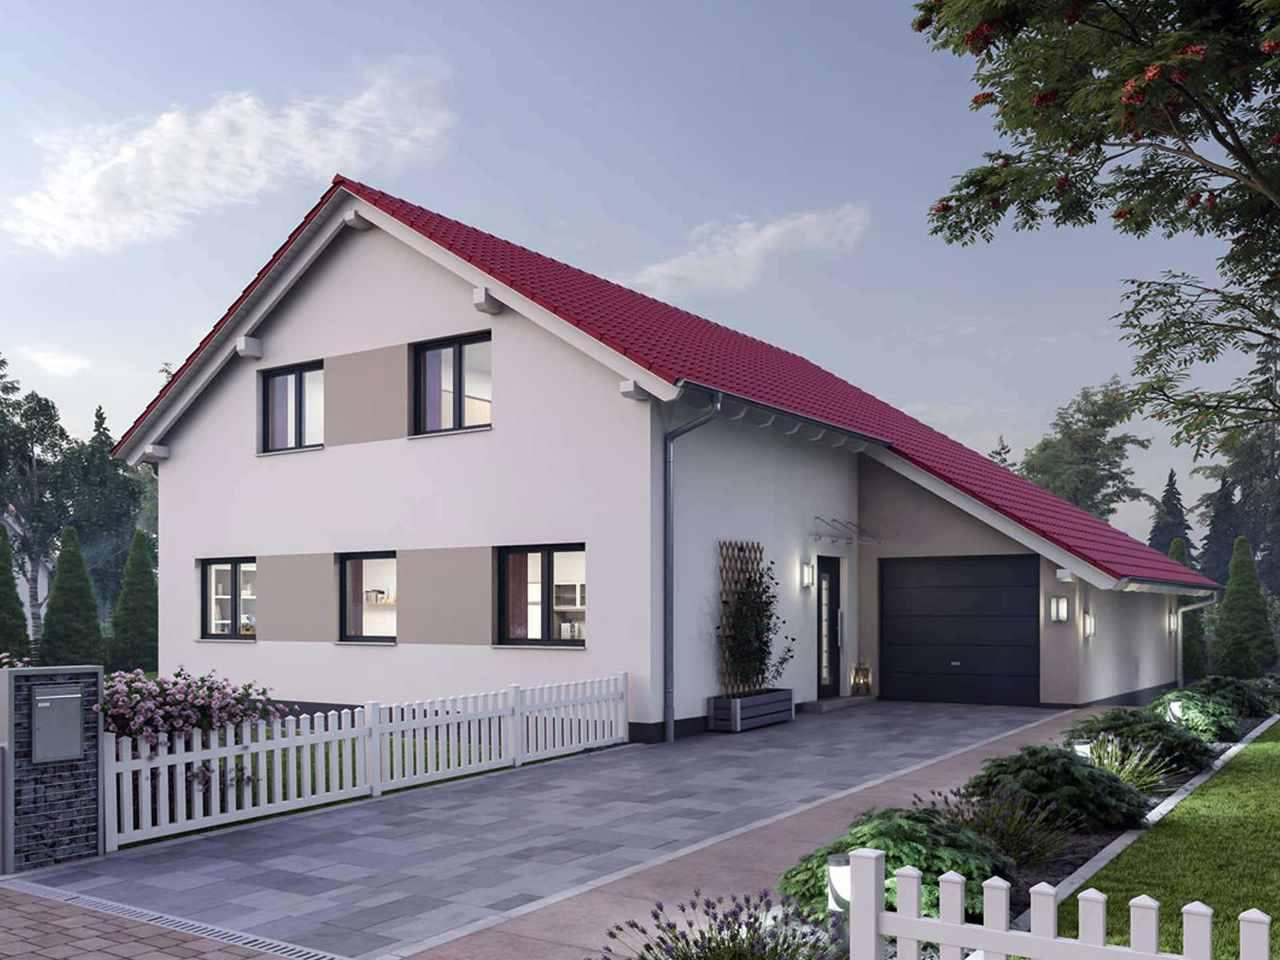 Einfamilienhaus 190 - Ytong Bausatzhaus